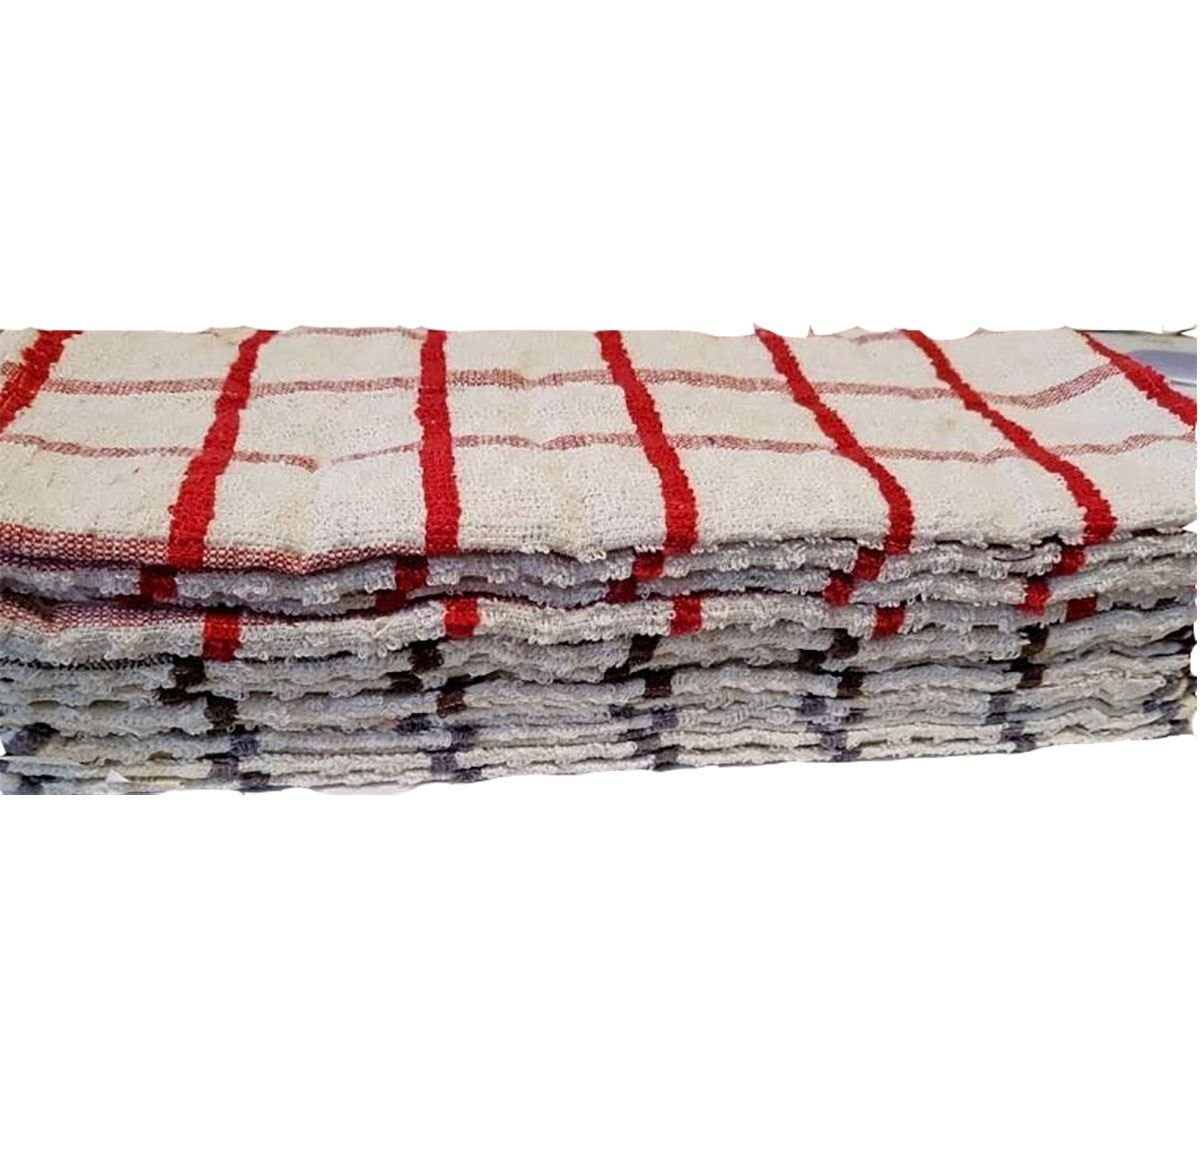 RimiハンガージャンボテリーTea 100 %エジプト綿タオルマルチチェックキッチンディッシュタオル洗濯 2109#US B07C51YBPJ Assorted Colours Pack of 6